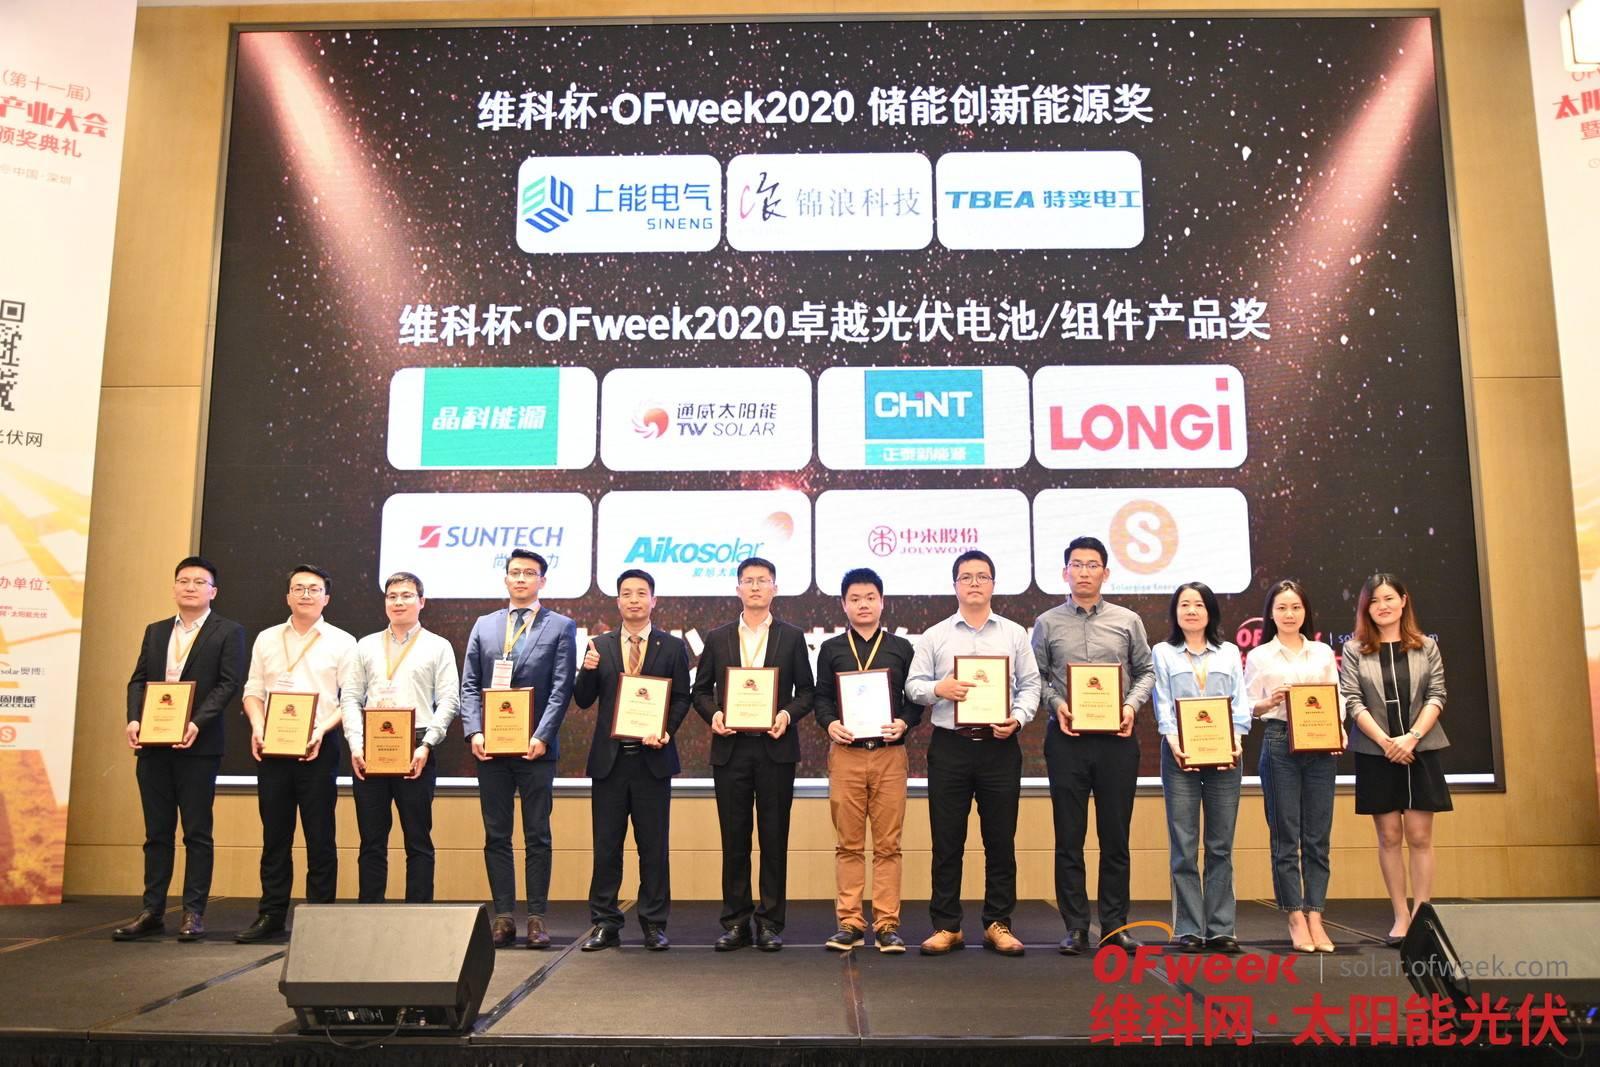 上海爱旭新能源股份有限公司荣获维科杯·OFweek 2020卓越光伏电池/组件产品奖